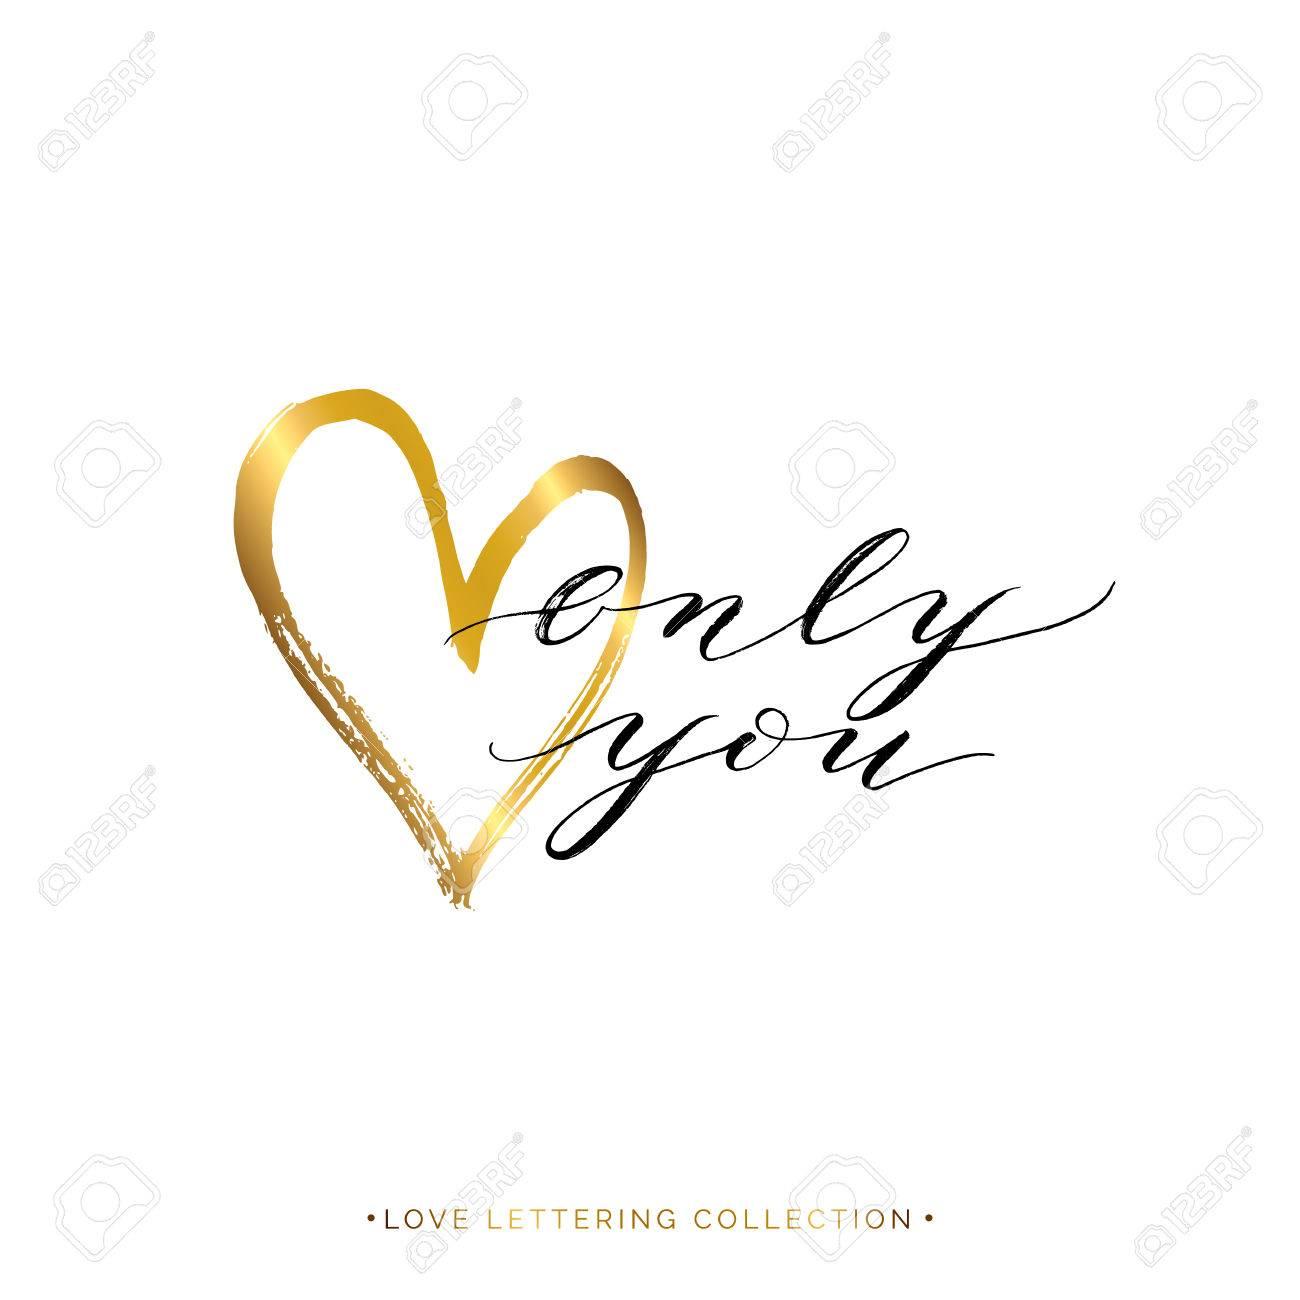 Seulement Vous Texte Avec Coeur Or Isolé Sur Fond Blanc Lettre Peinte à La Main Vecteur D Amour Or Lettrage Pour Carte De Voeux Invitation